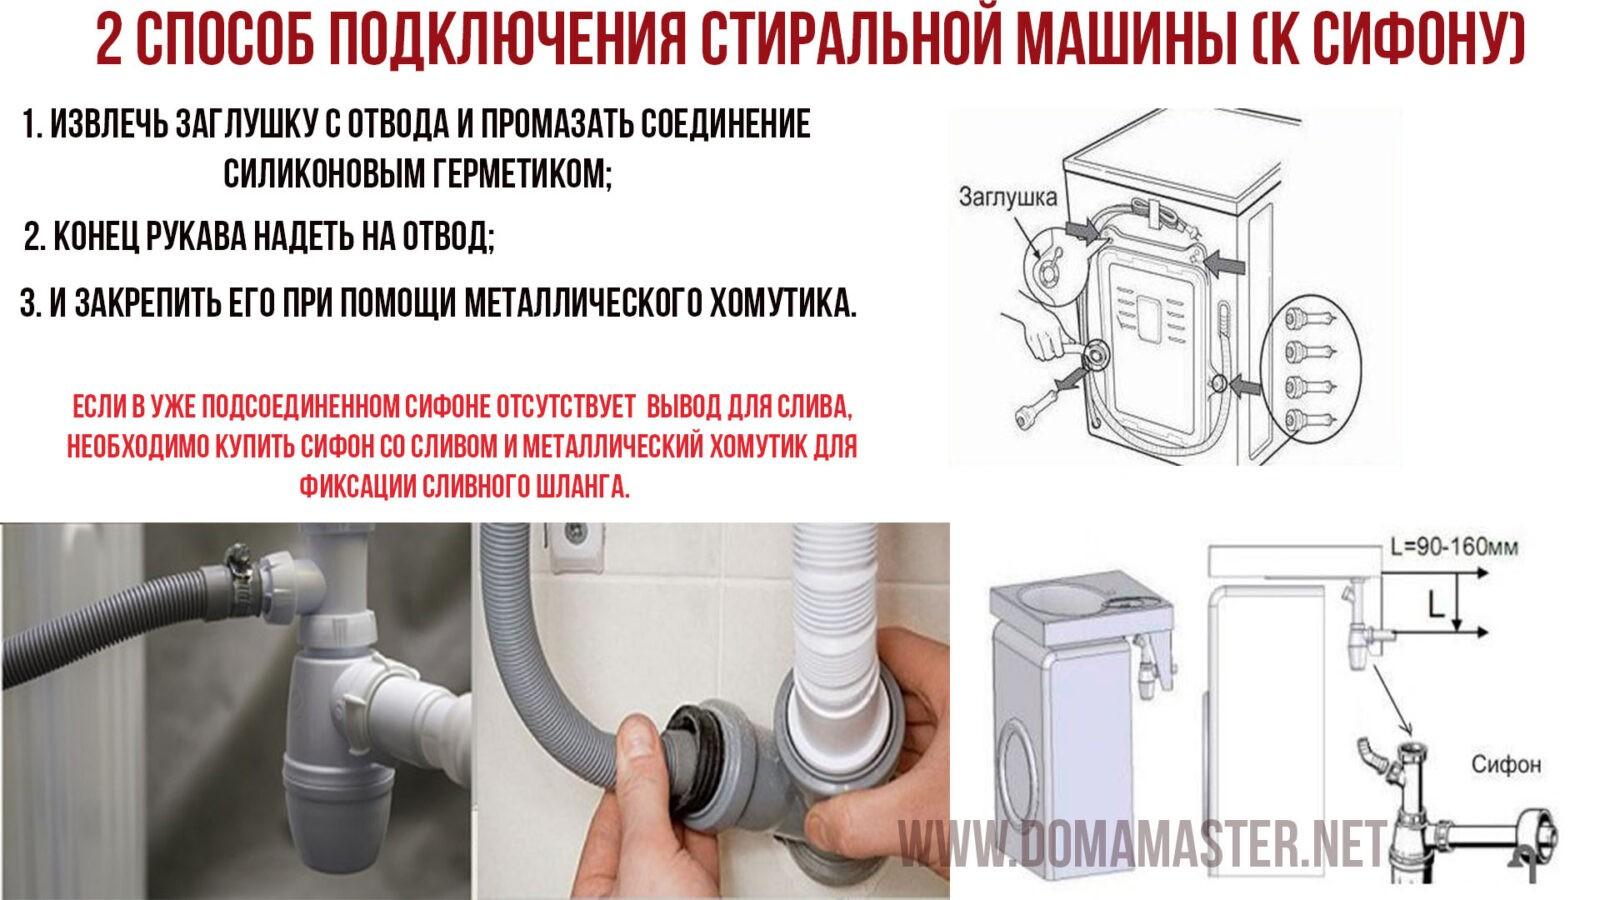 Сифон для раковины под стиральную машину